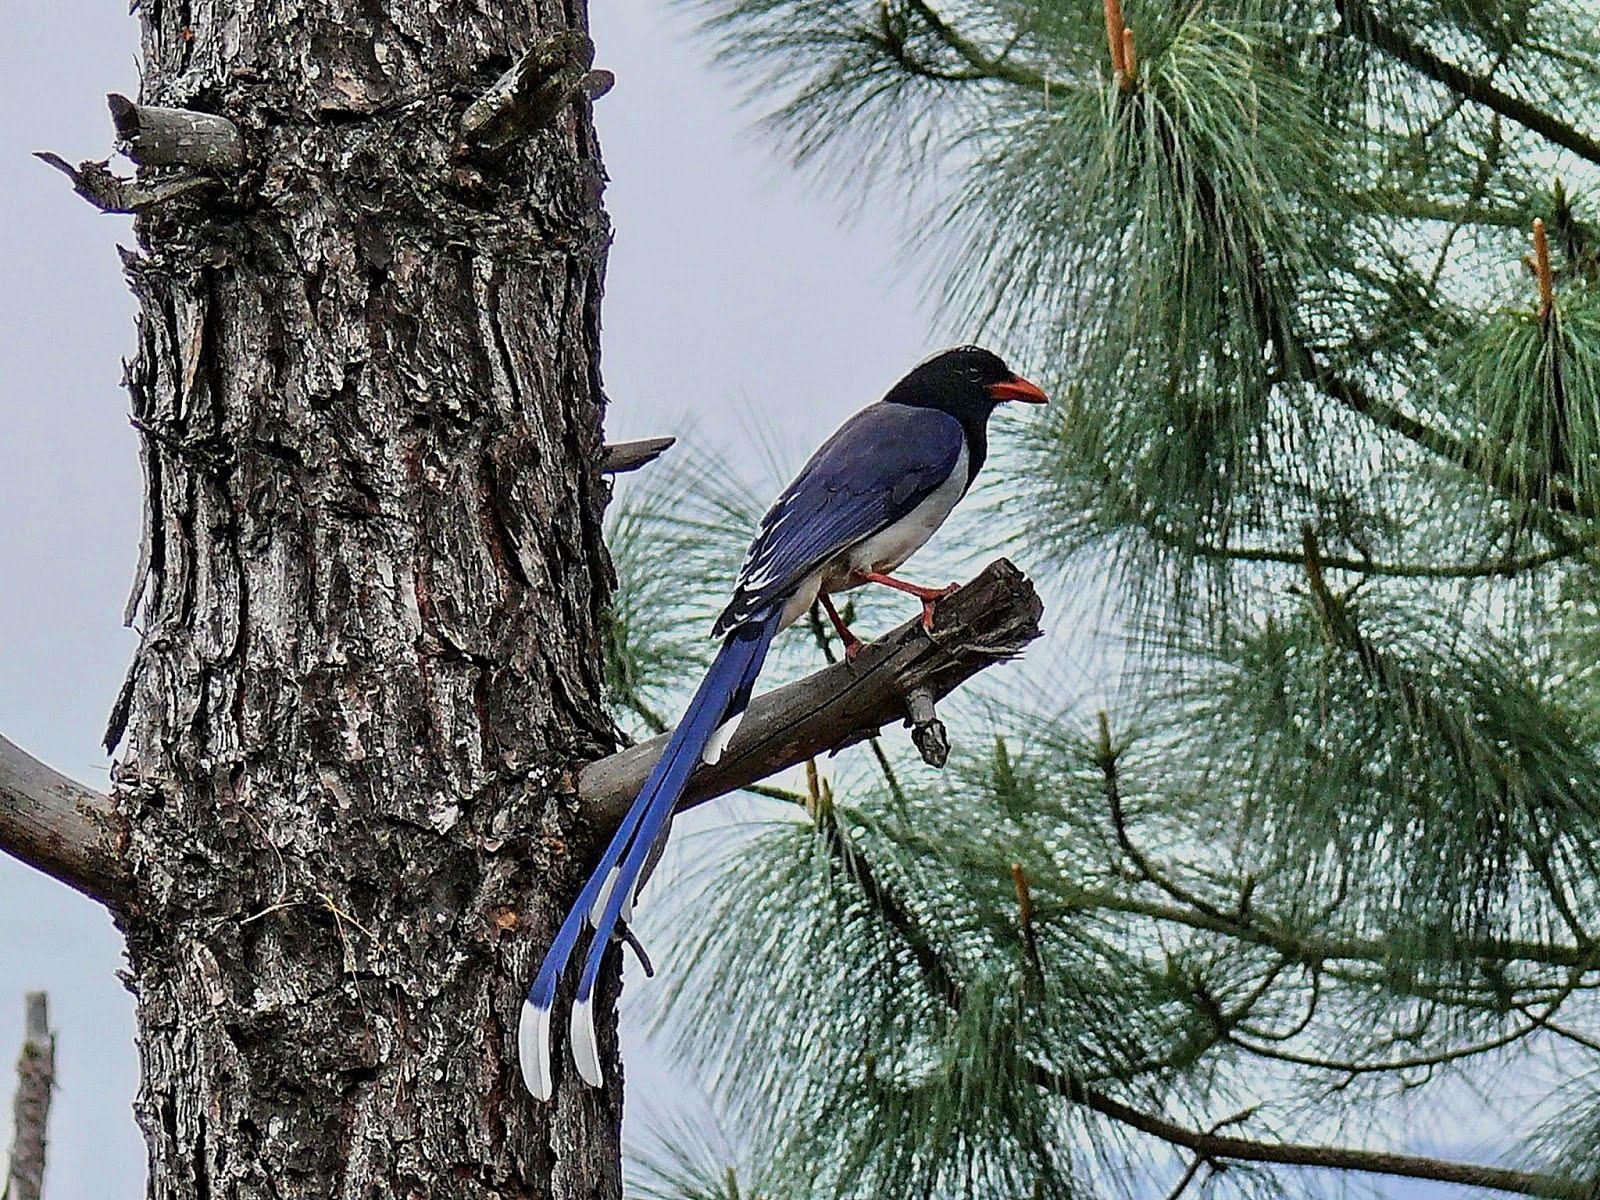 020-himalayan-magpie